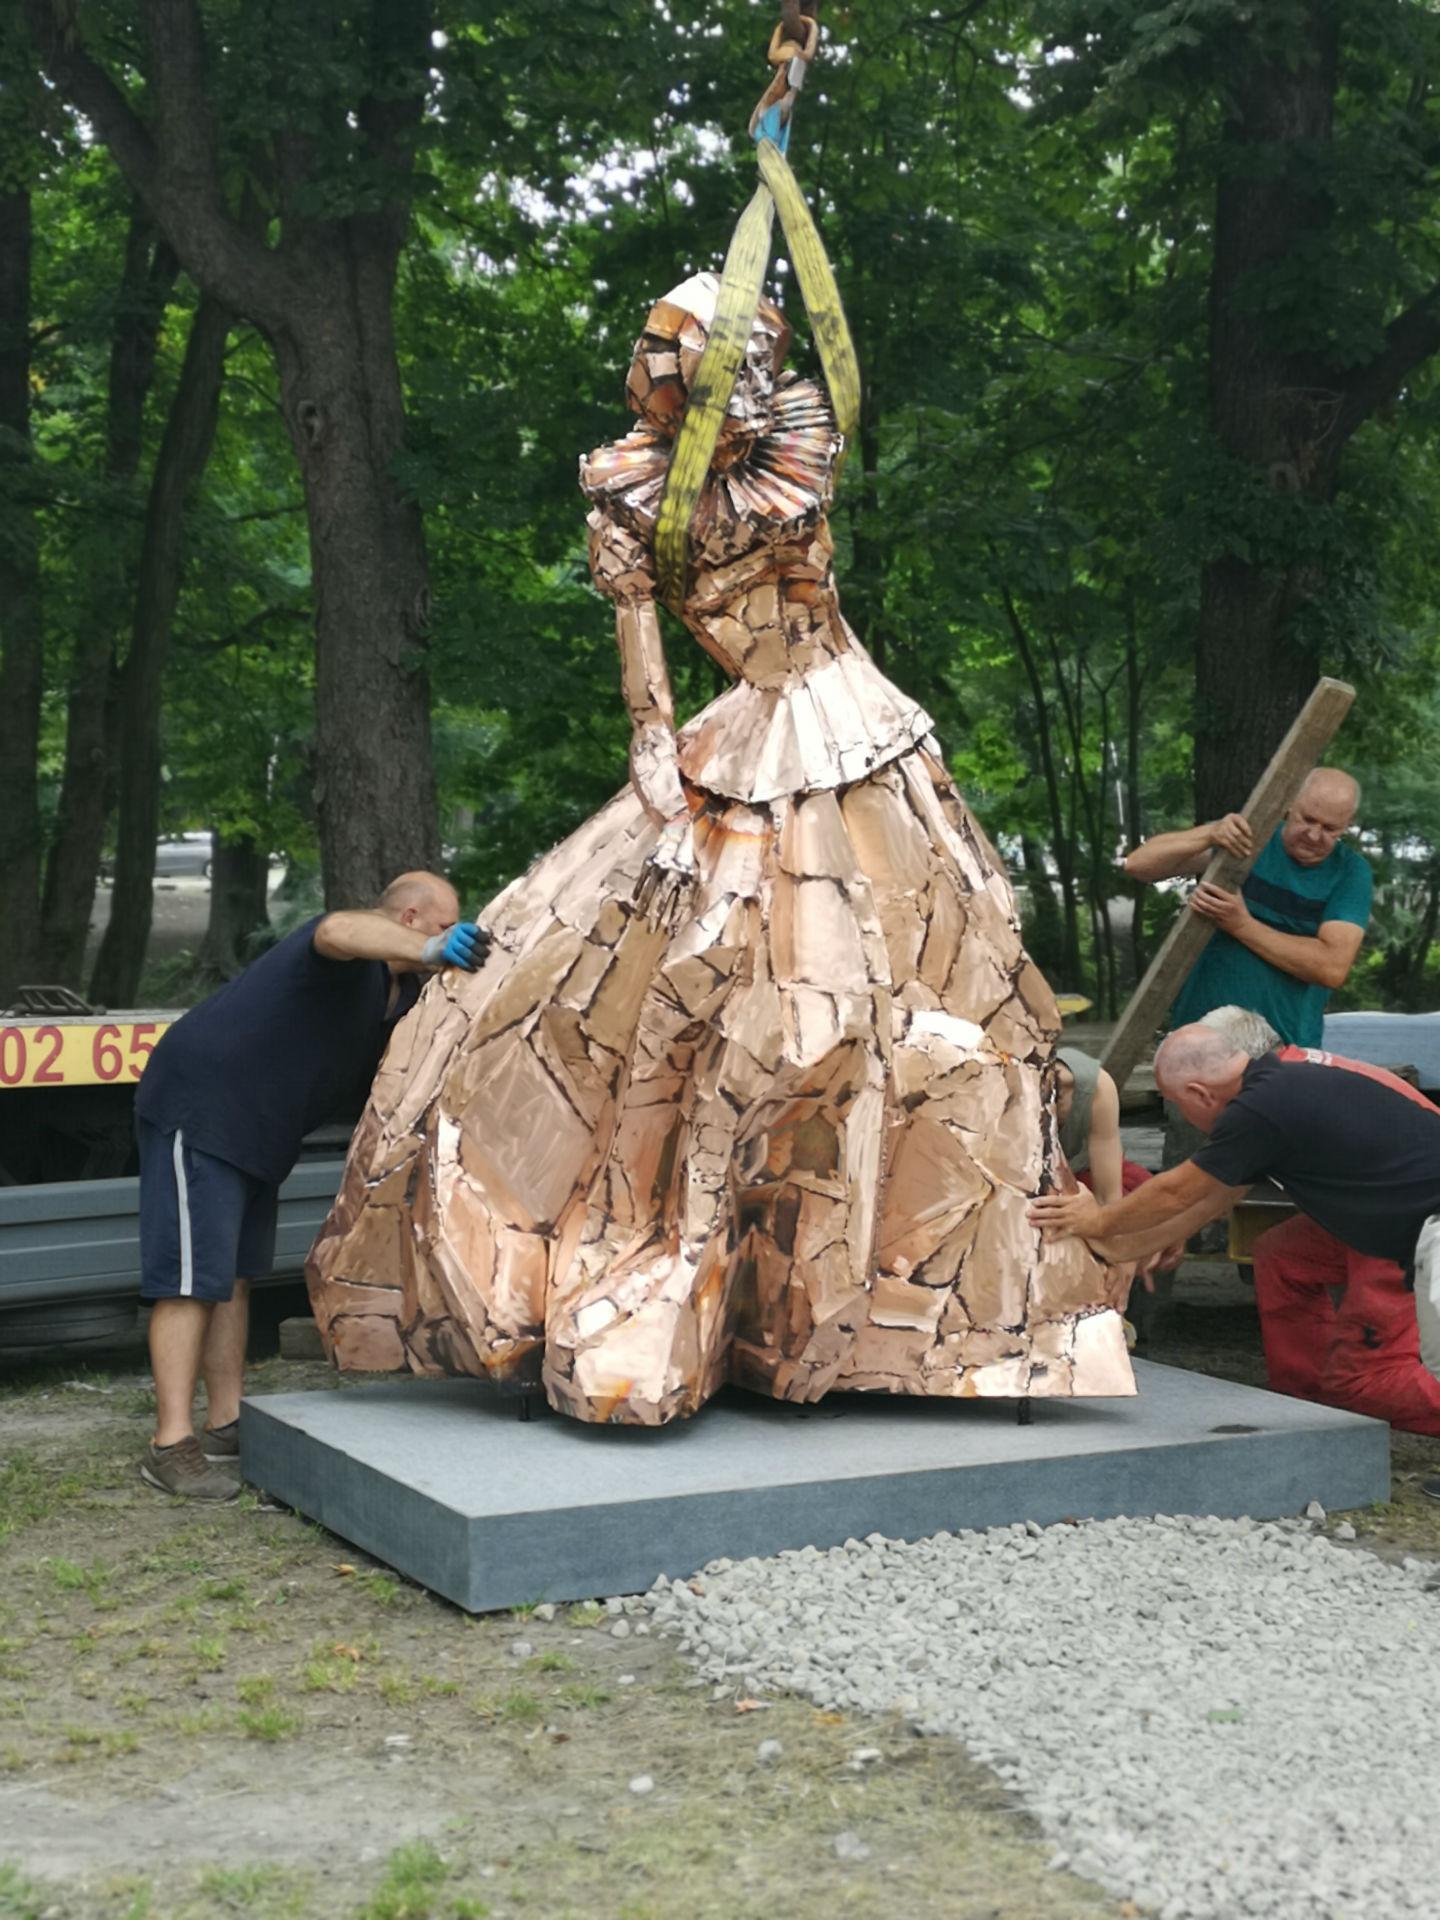 Ustawianie pomnika na cokole. Rzeźbę trzymaną przez dźwig tuż nad ziemią sytuuje we właściwym miejscu trzech mężczyzn.